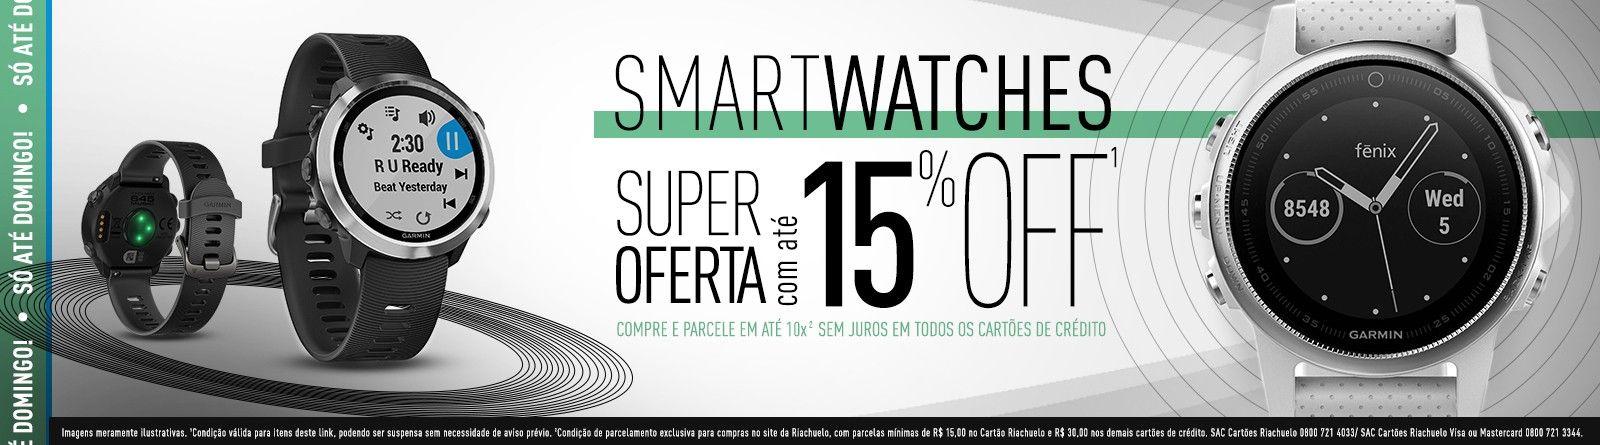 Riachuelo - Smartwatches com até 15% OFF